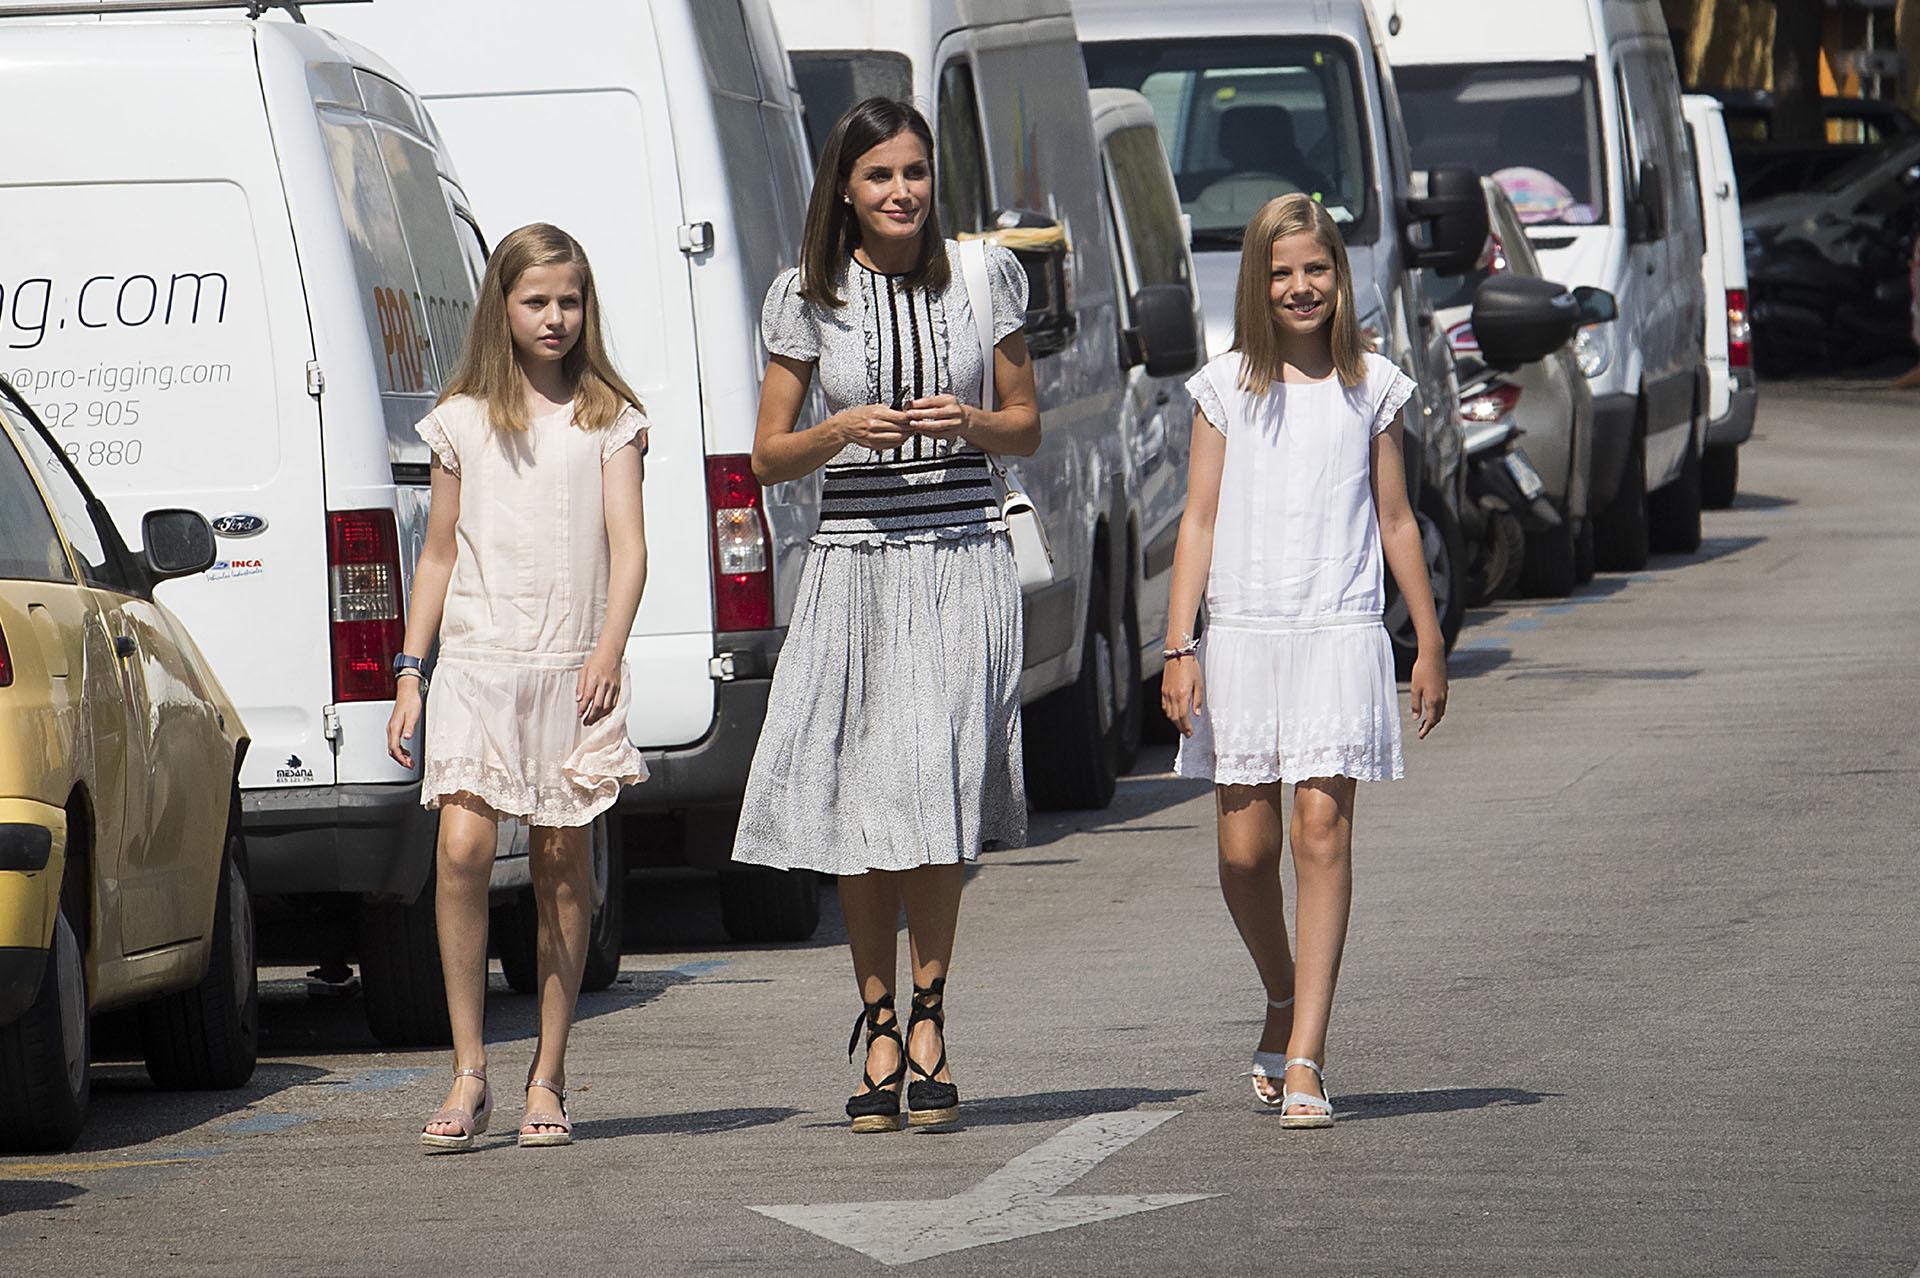 Las tres mujeres de la familia real eligieron vestidos livianos y en colores claros, para hacer frente a las altas temperaturas del verano europeo